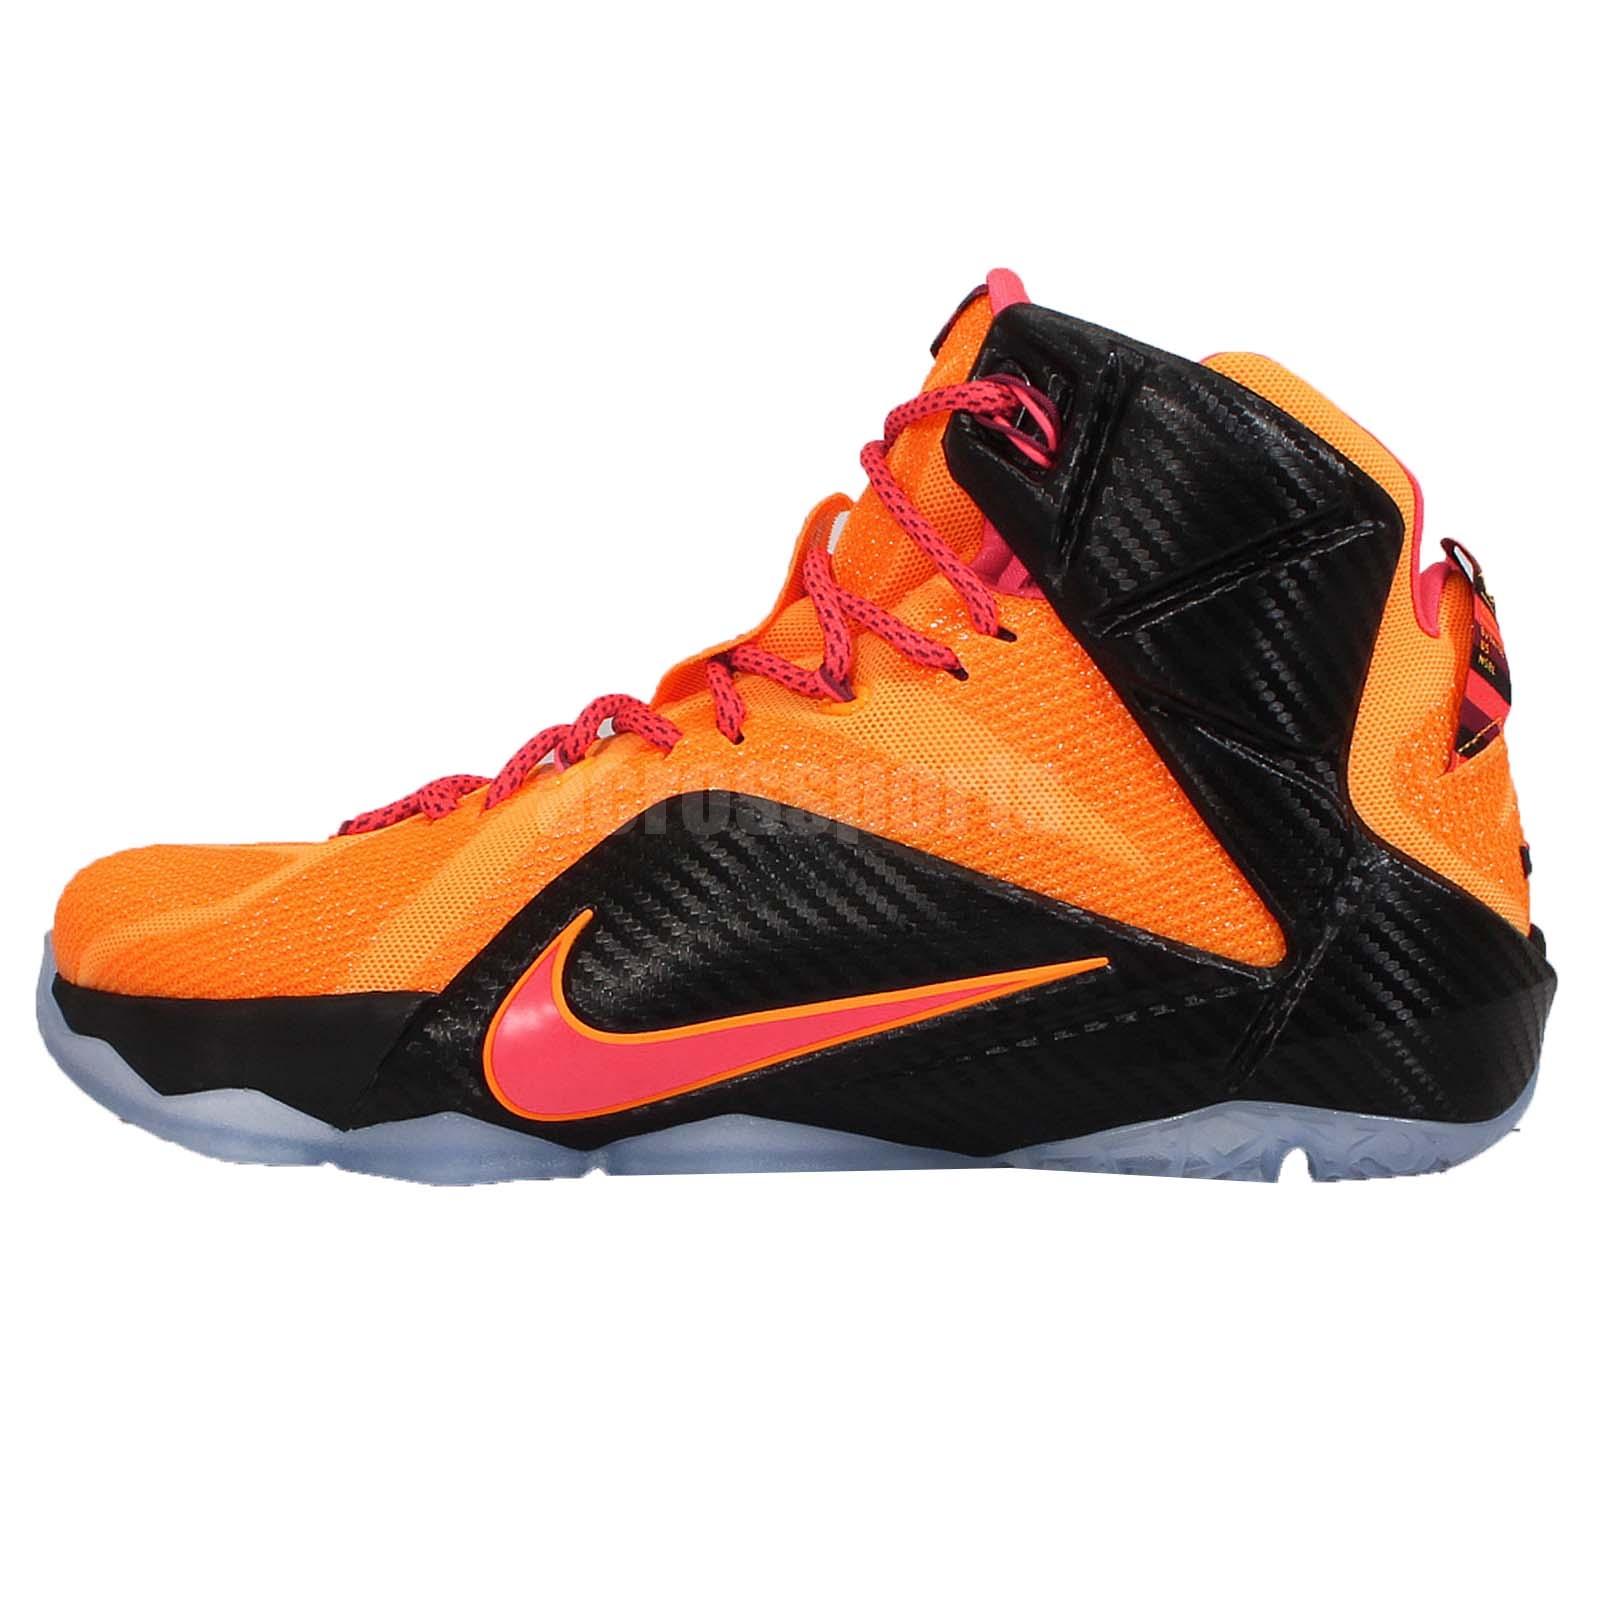 Nike Lebron XII EP 12 Witness Lebron James Orange Mens ...